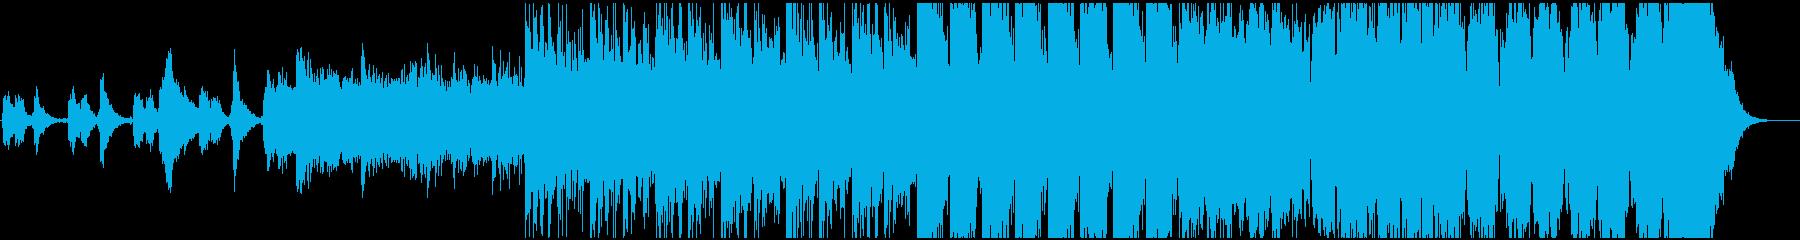 重厚でシネマティックなエピックトレーラーの再生済みの波形